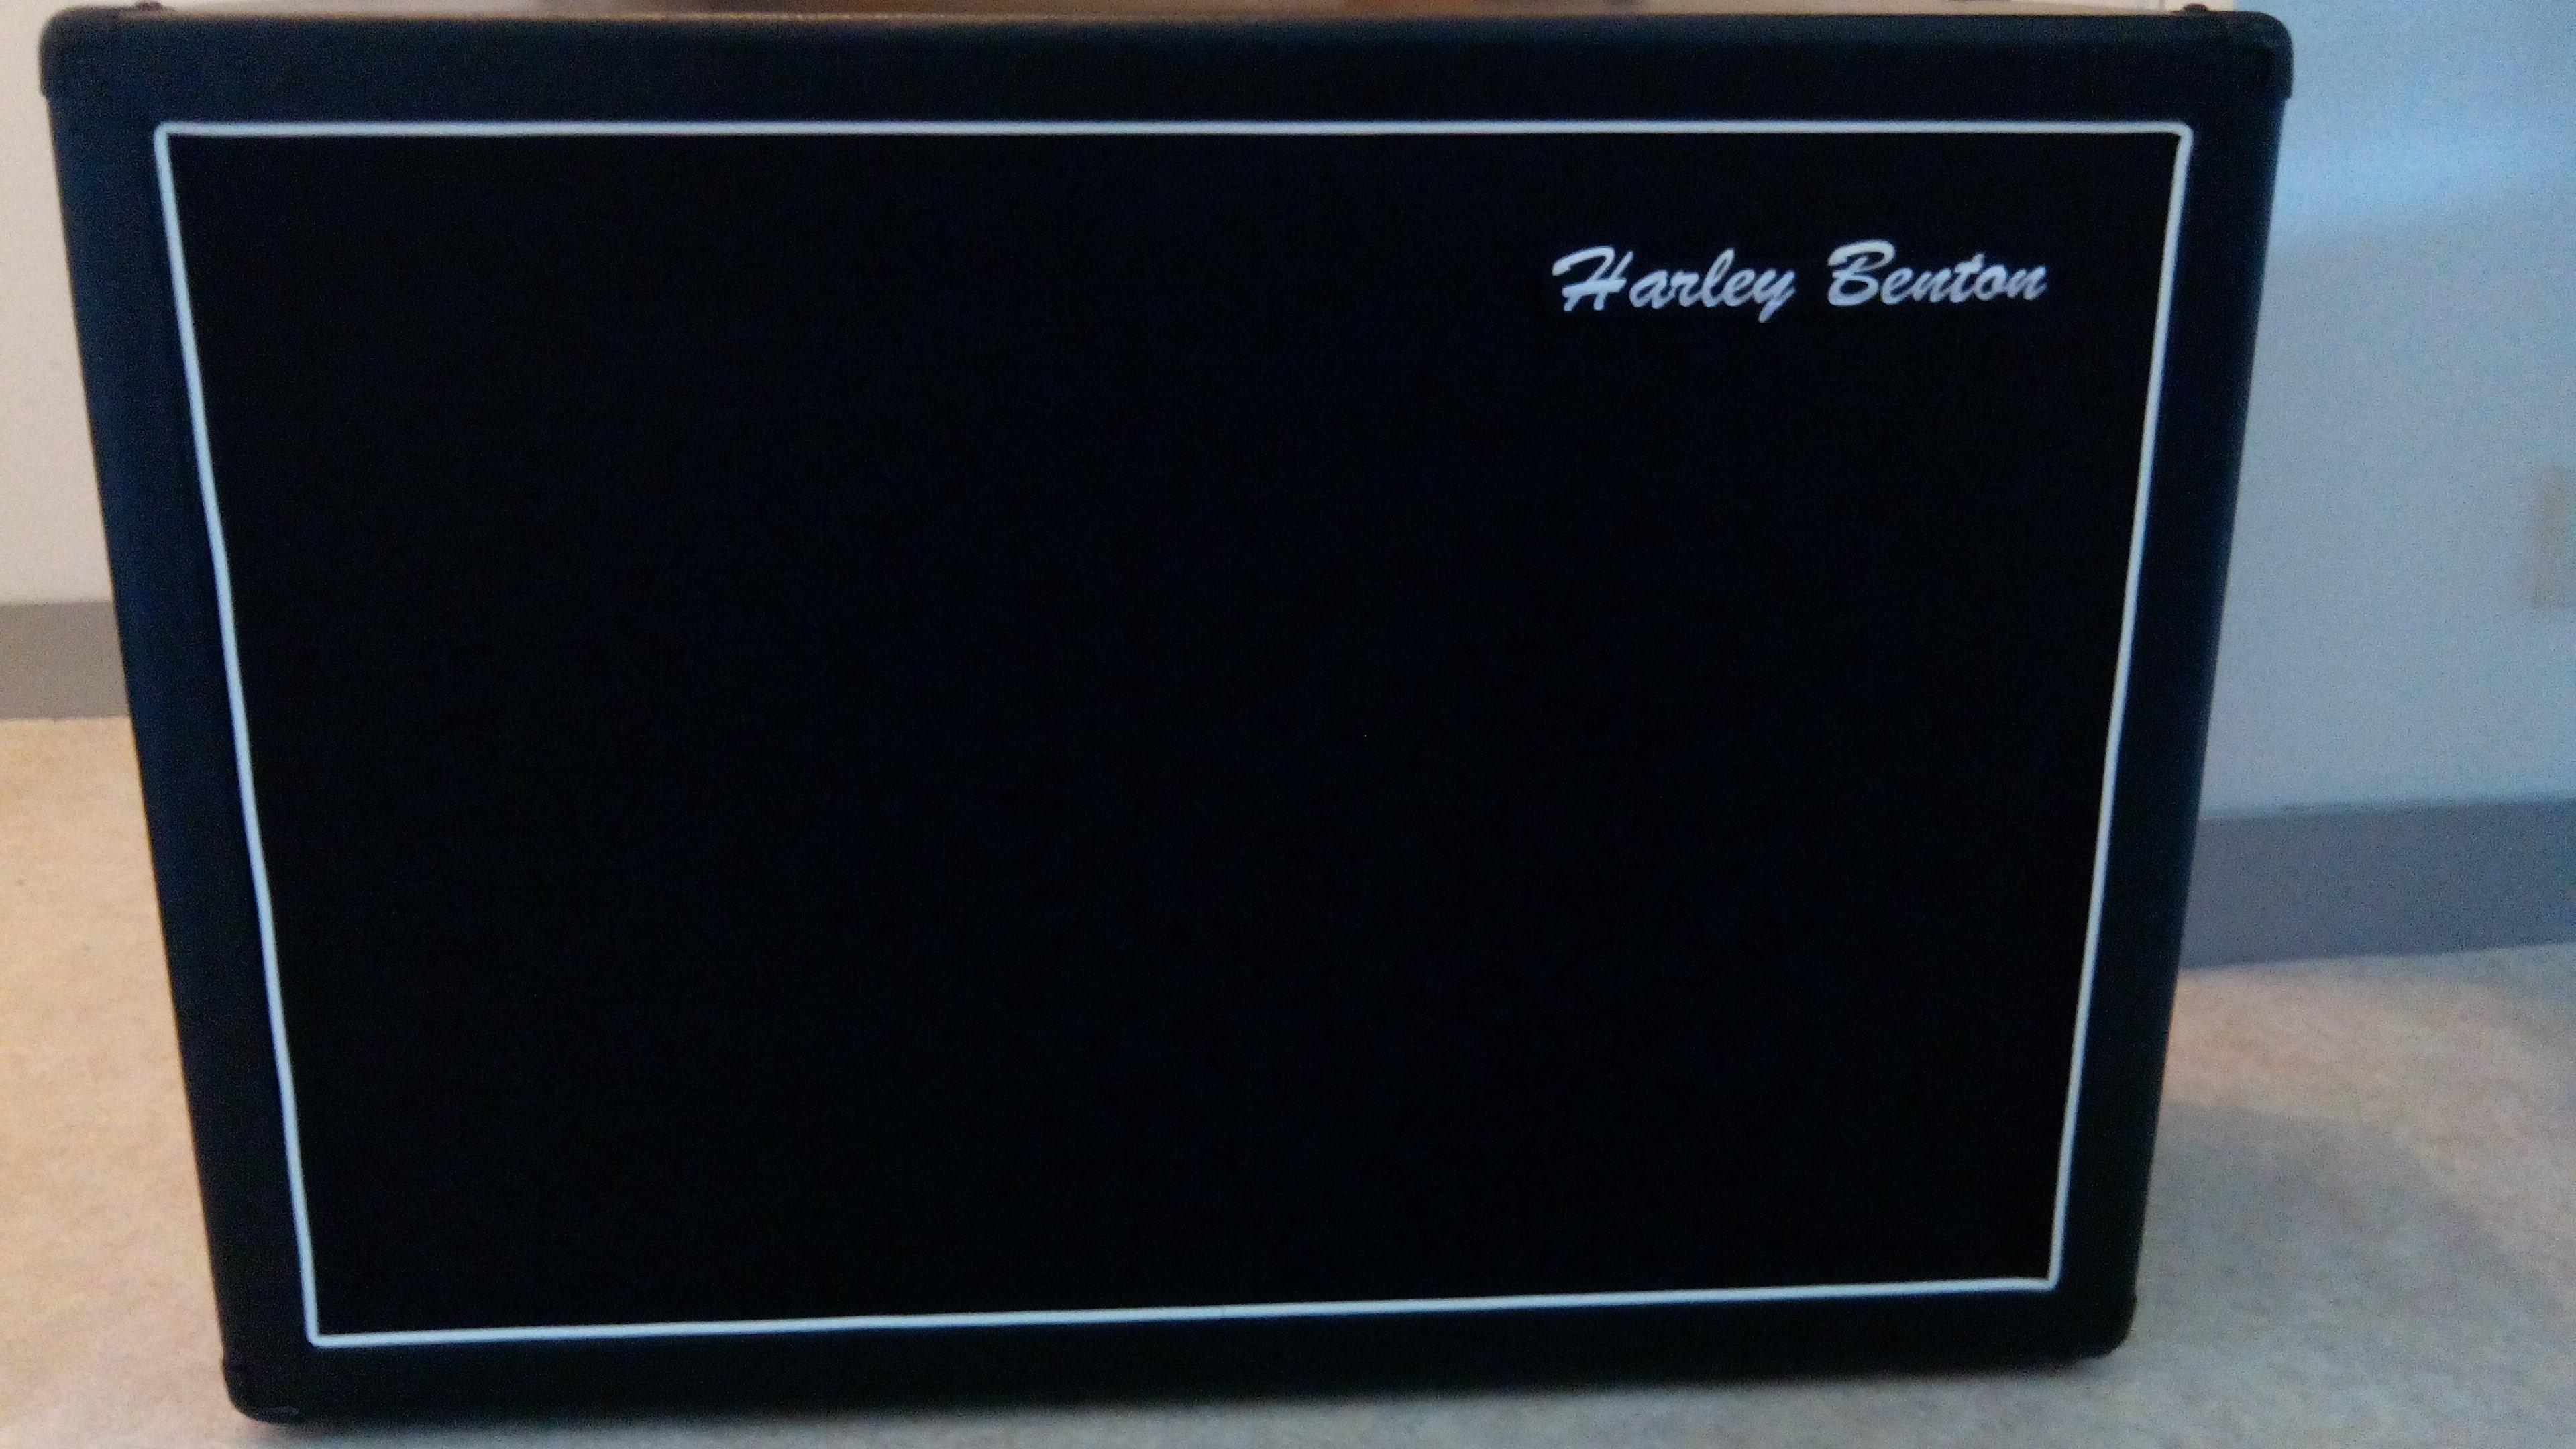 harley benton g212 vintage image 1534165 audiofanzine. Black Bedroom Furniture Sets. Home Design Ideas